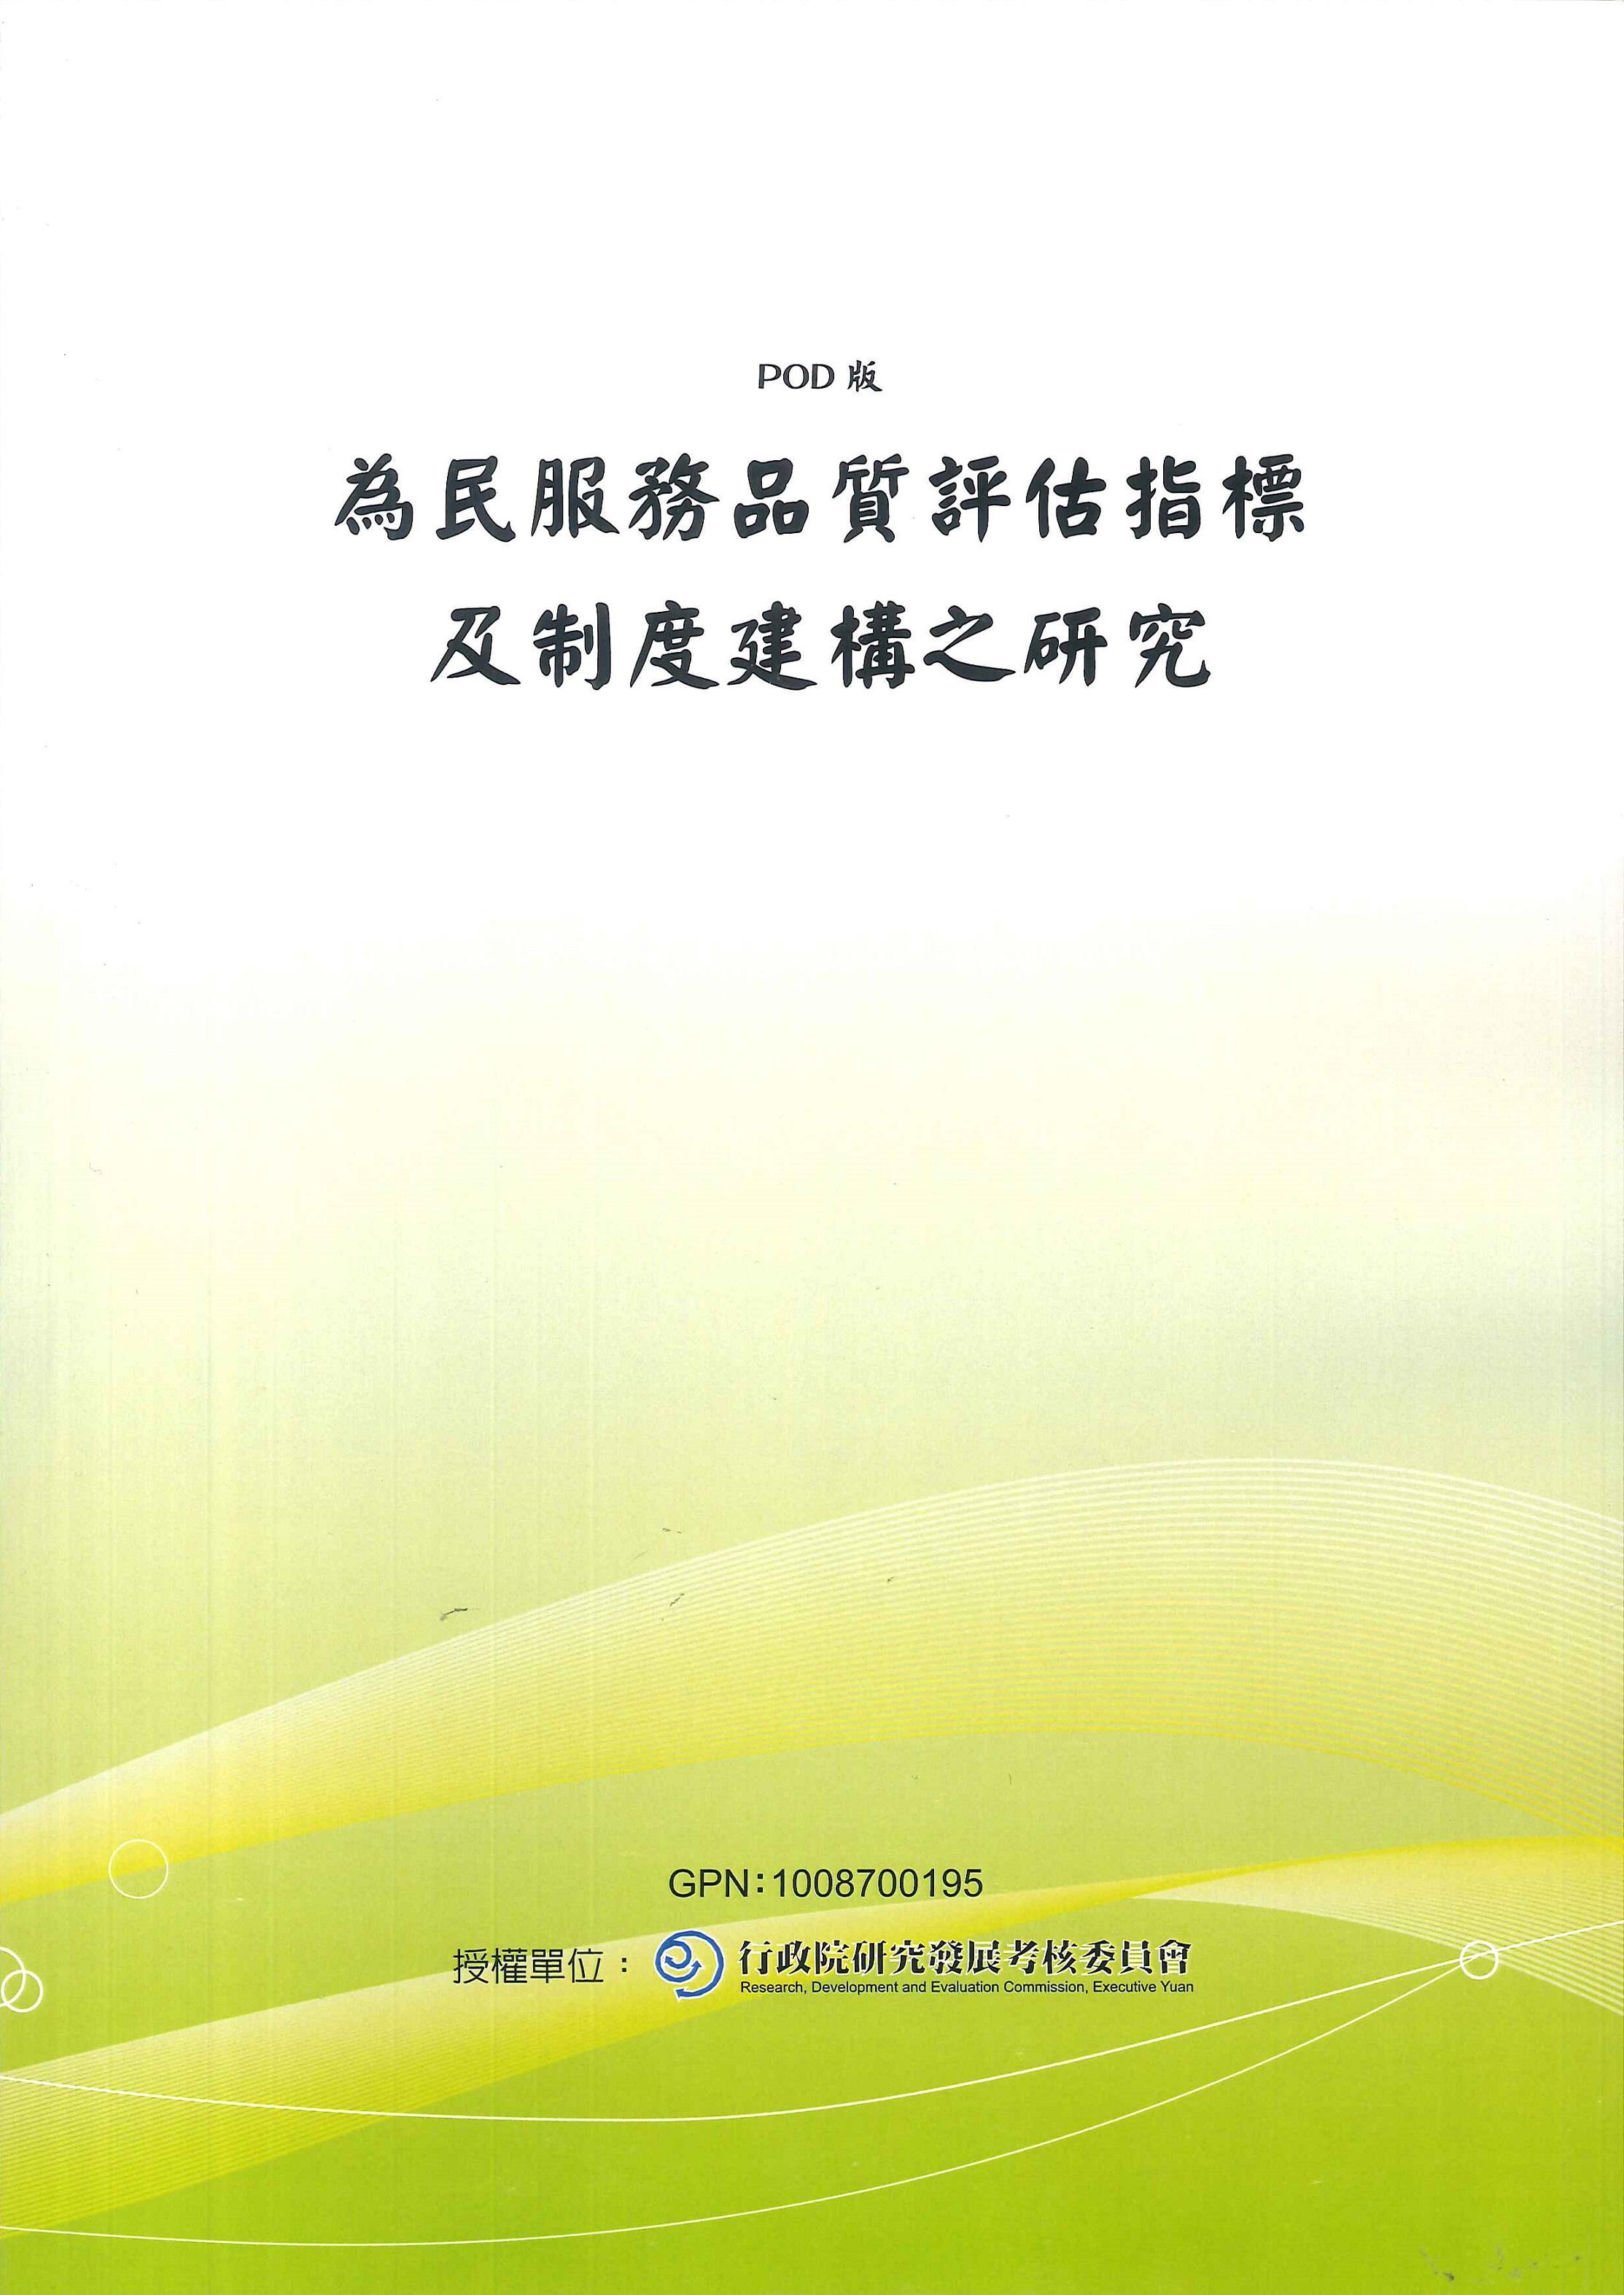 為民服務品質評估指標及制度建構之研究